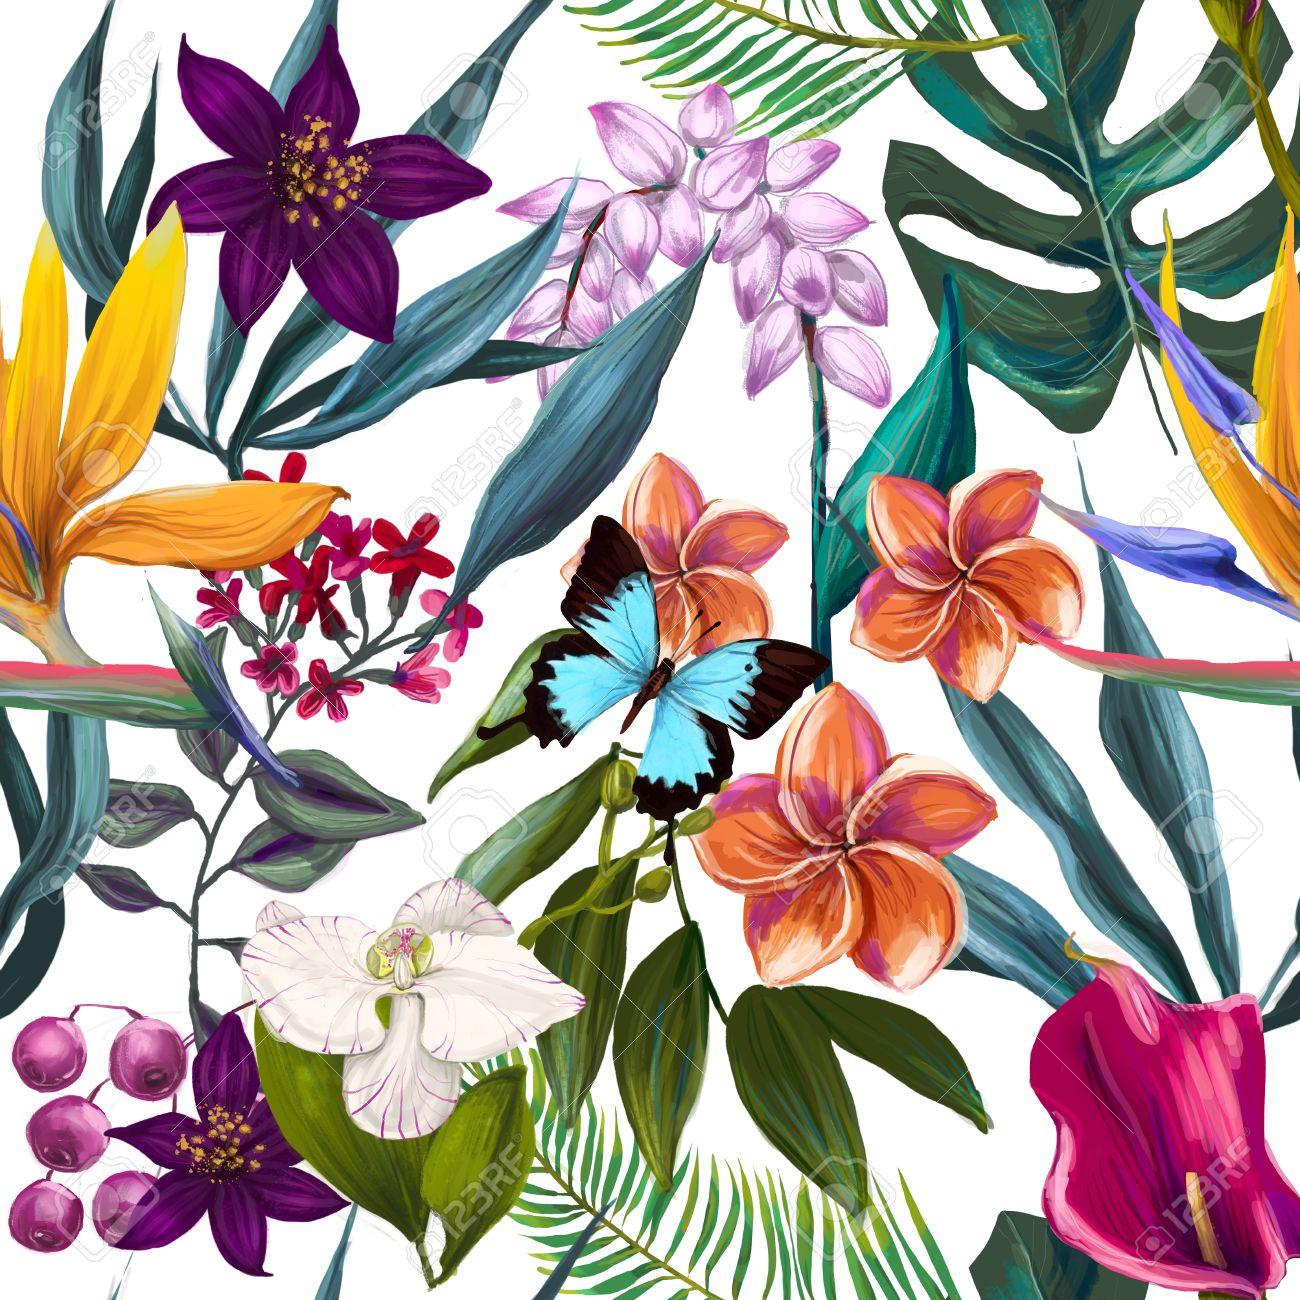 Motif Tropical Seamless Exotique Mode Papier Peint A Fleurs Collet